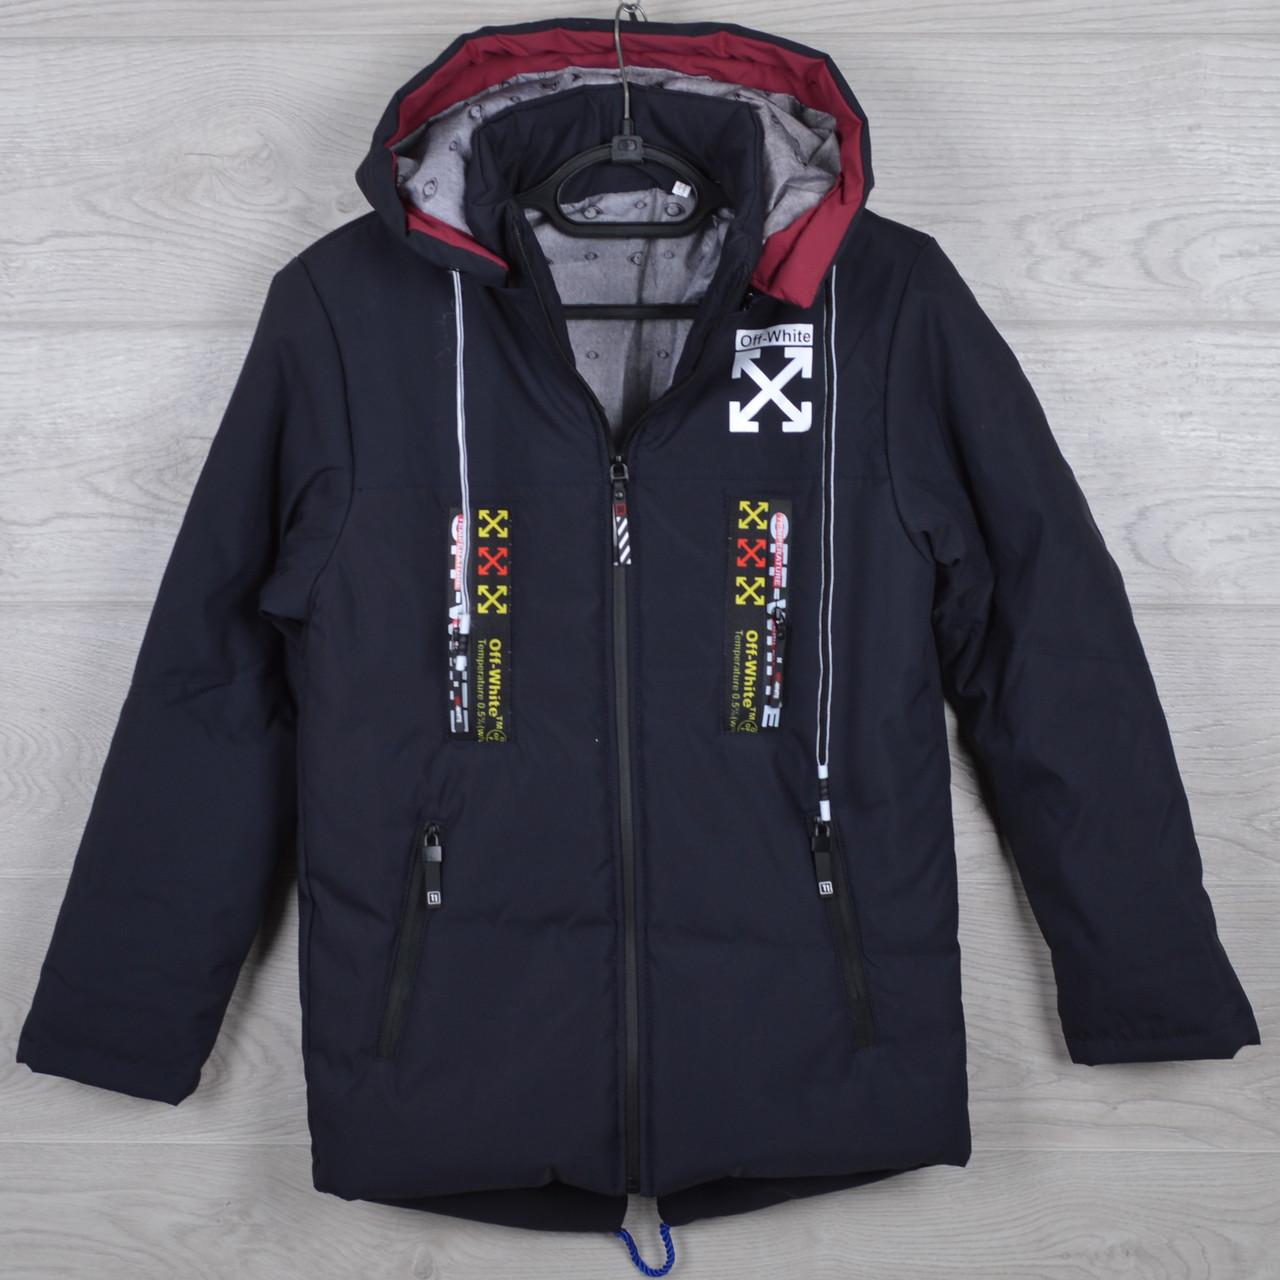 """Куртка подростковая демисезонная """"Off White реплика"""" 10-11-12-13-14 лет (140-164 см). Темно-синяя. Оптом."""